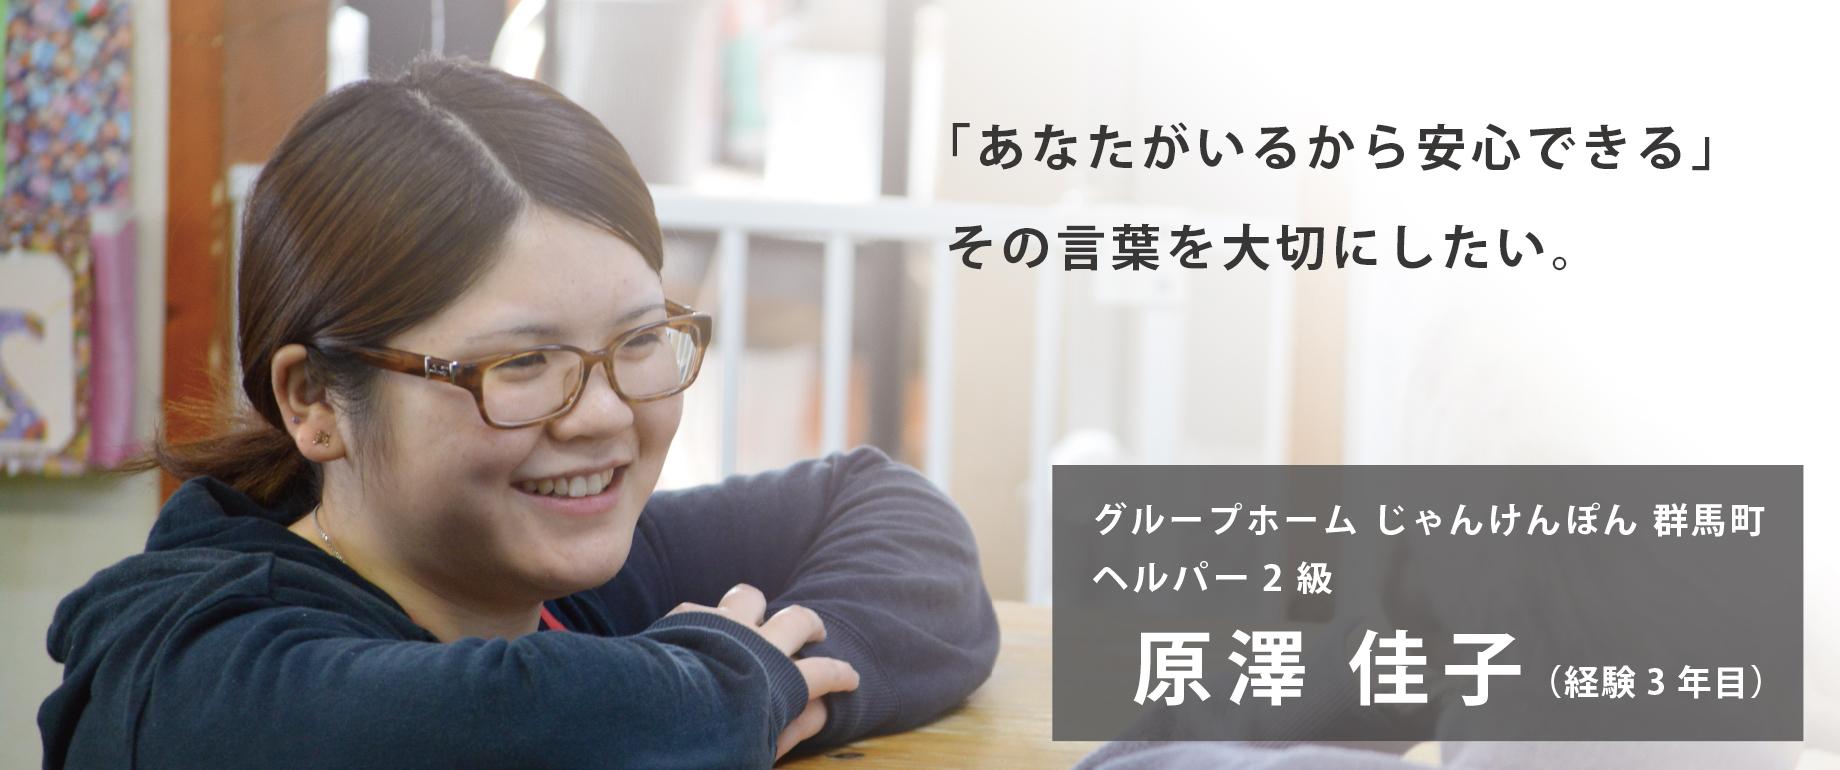 02_harasawa1